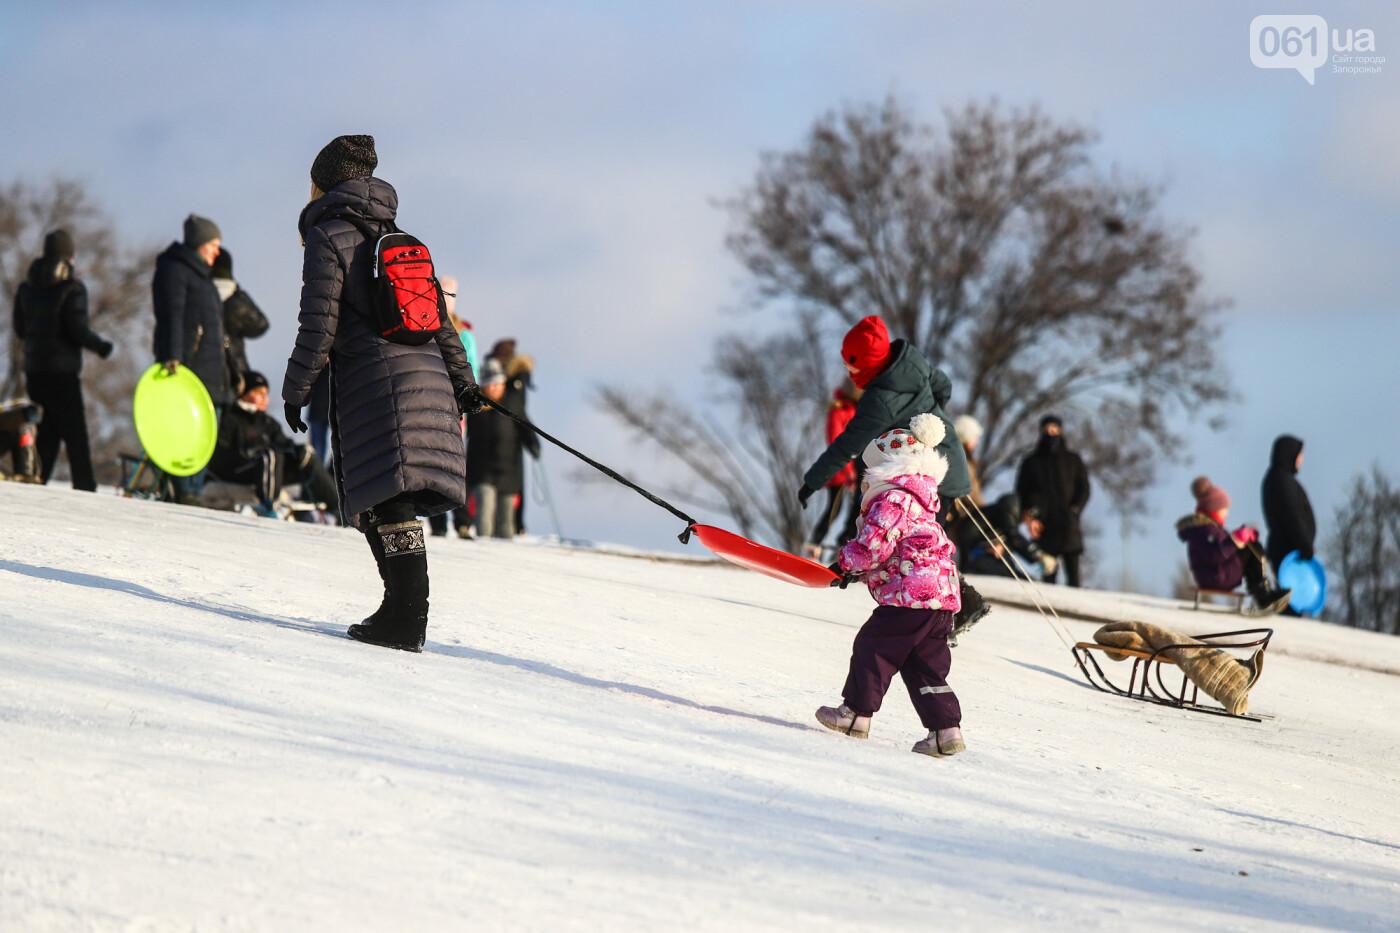 На санках, лыжах и сноуборде: запорожцы устроили массовое катание с горок в Вознесеновском парке, - ФОТОРЕПОРТАЖ, фото-55